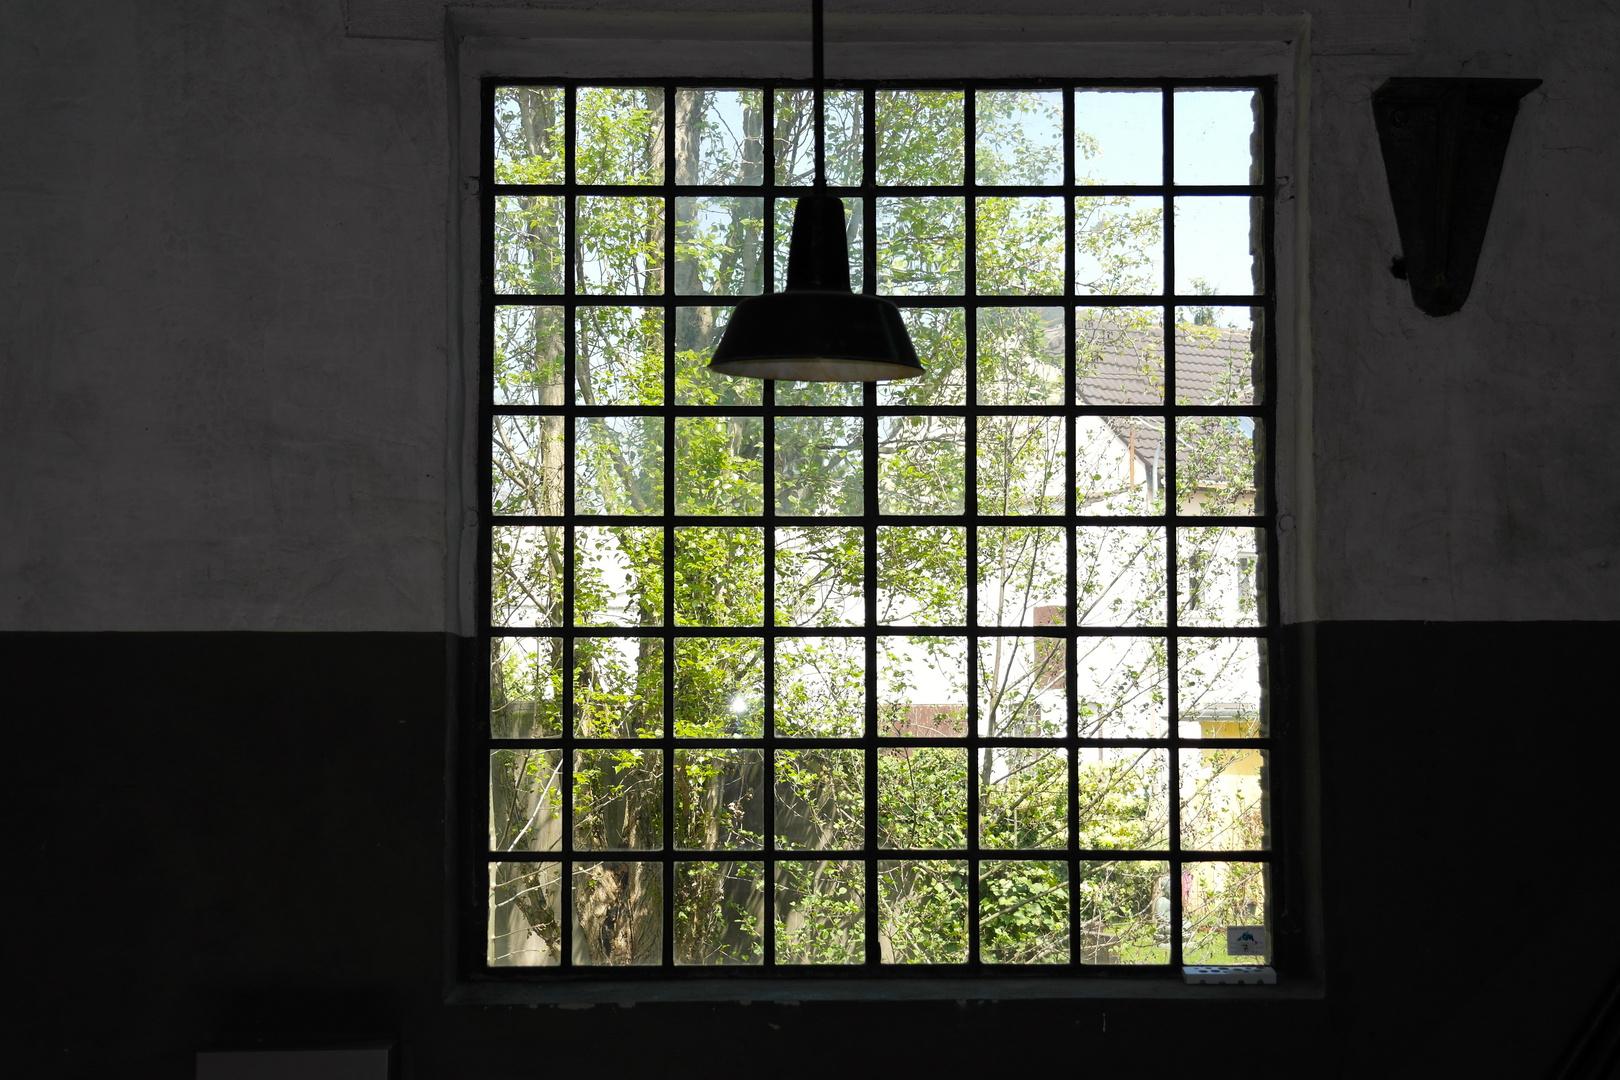 industriefenster 3 foto bild architektur fenster t ren architektonische details bilder. Black Bedroom Furniture Sets. Home Design Ideas